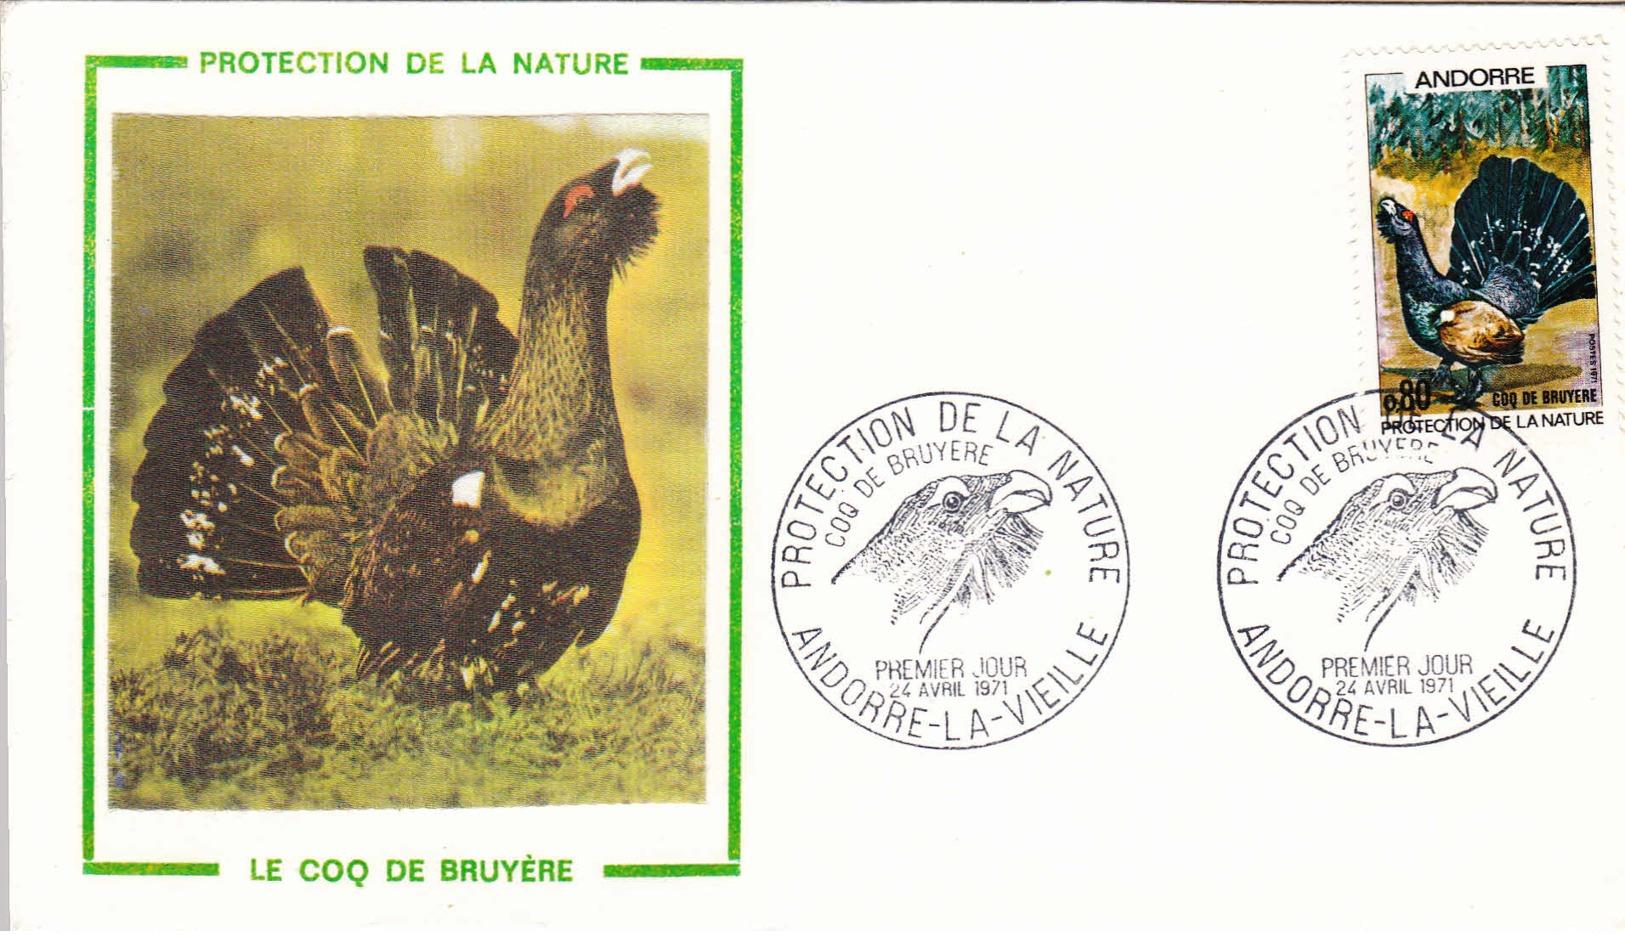 ANDORRE - 1971 - FDC - Protection De La Nature - Oiseau - Coq De Bruyère - FDC